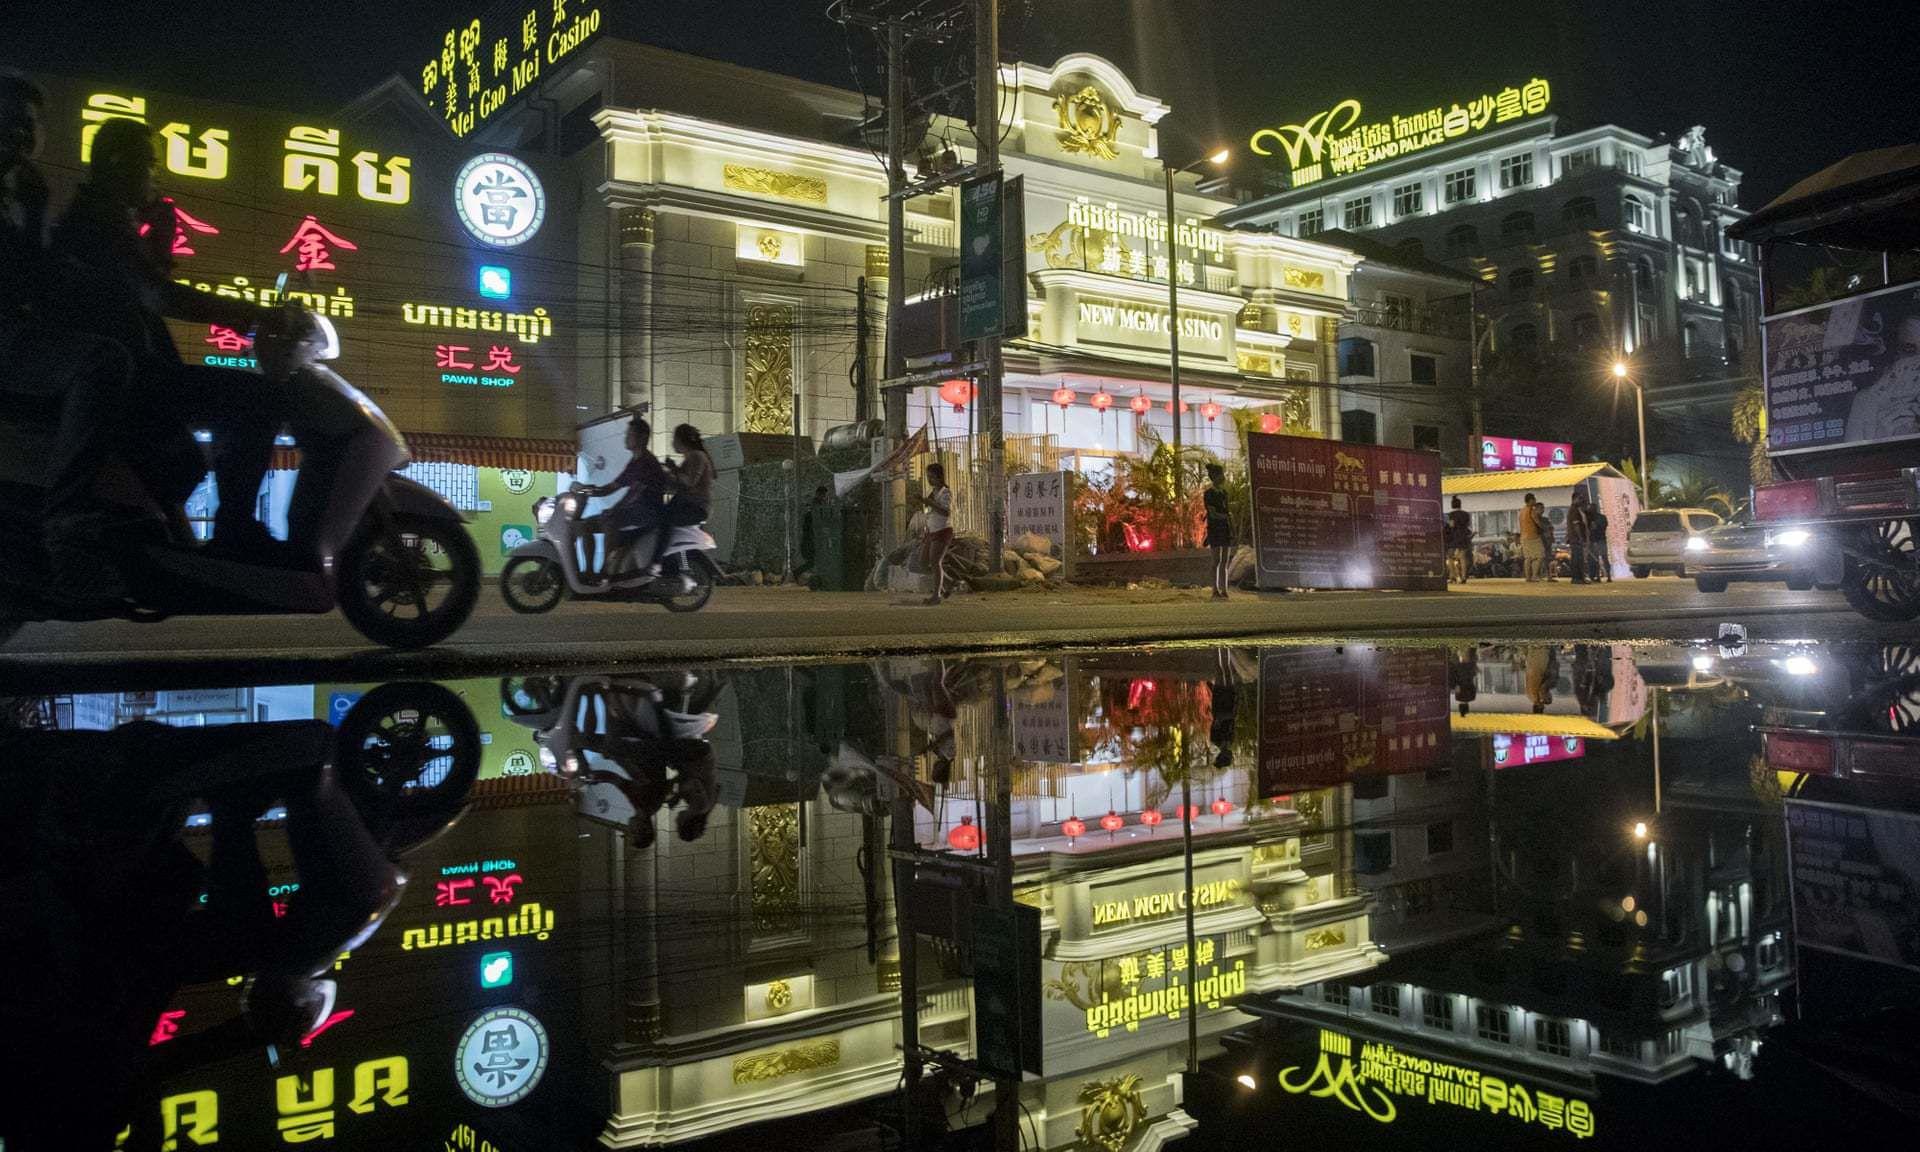 Trung Quốc đổ tiền vào Sihanoukville: Dân Campuchia không bén mảng đến các sòng bài